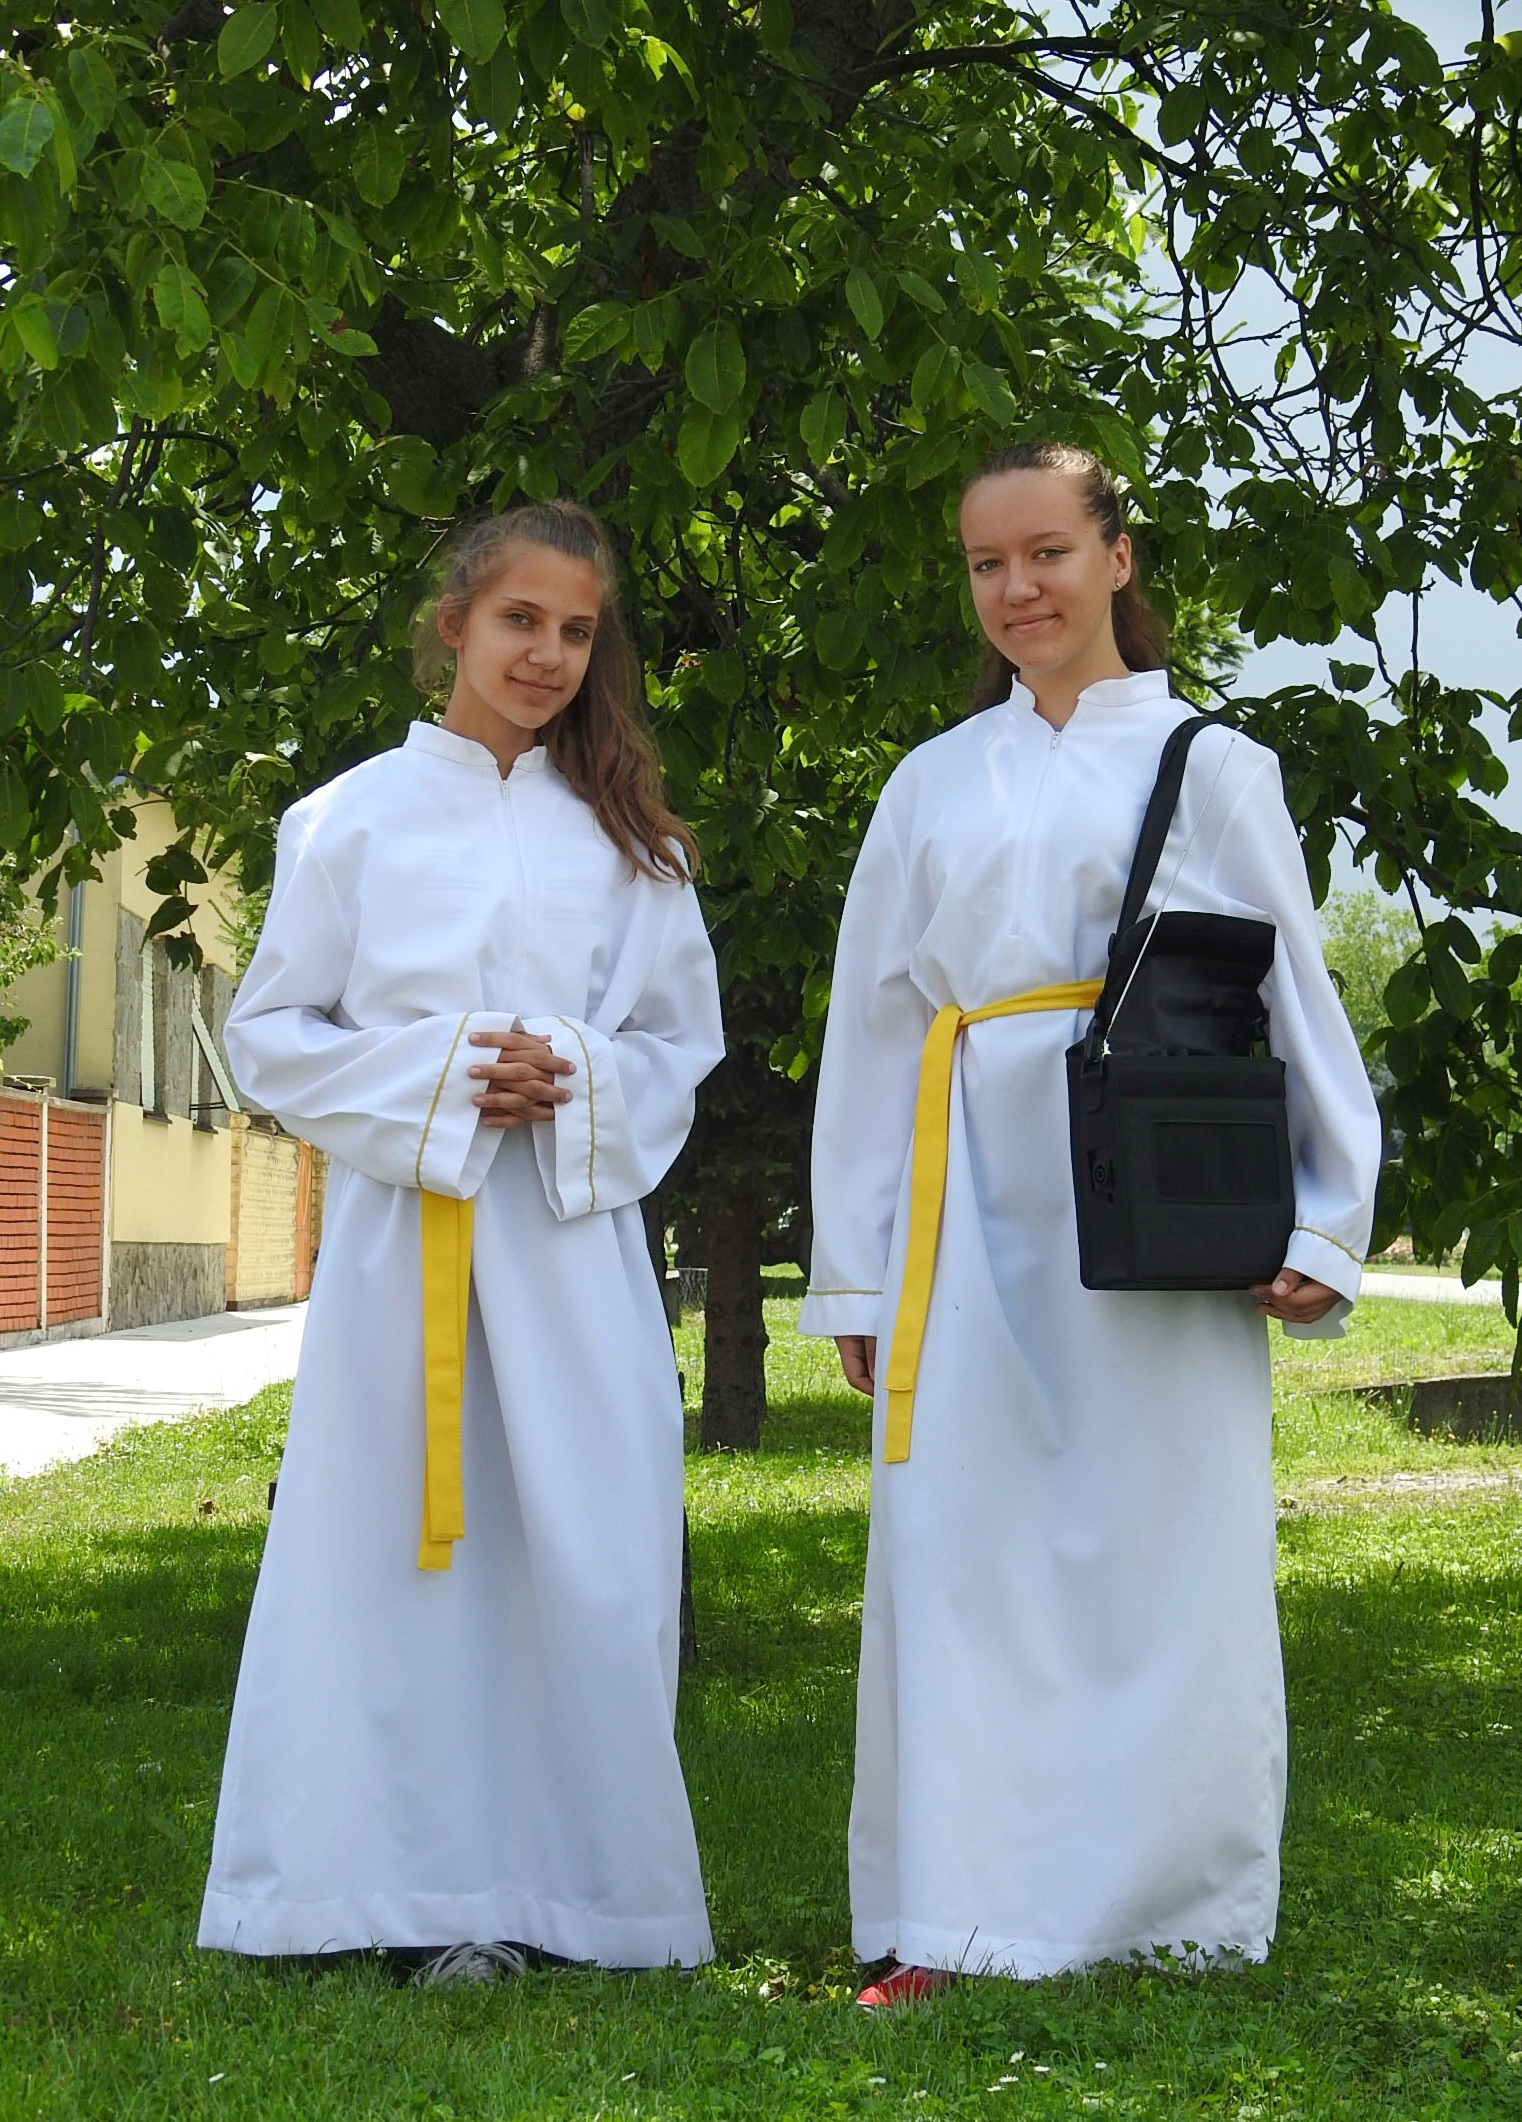 Ministrantice Gracia i Marija - Tijelovo 2019 (Markovac Našički) (slika 2) - 20.6.2019.